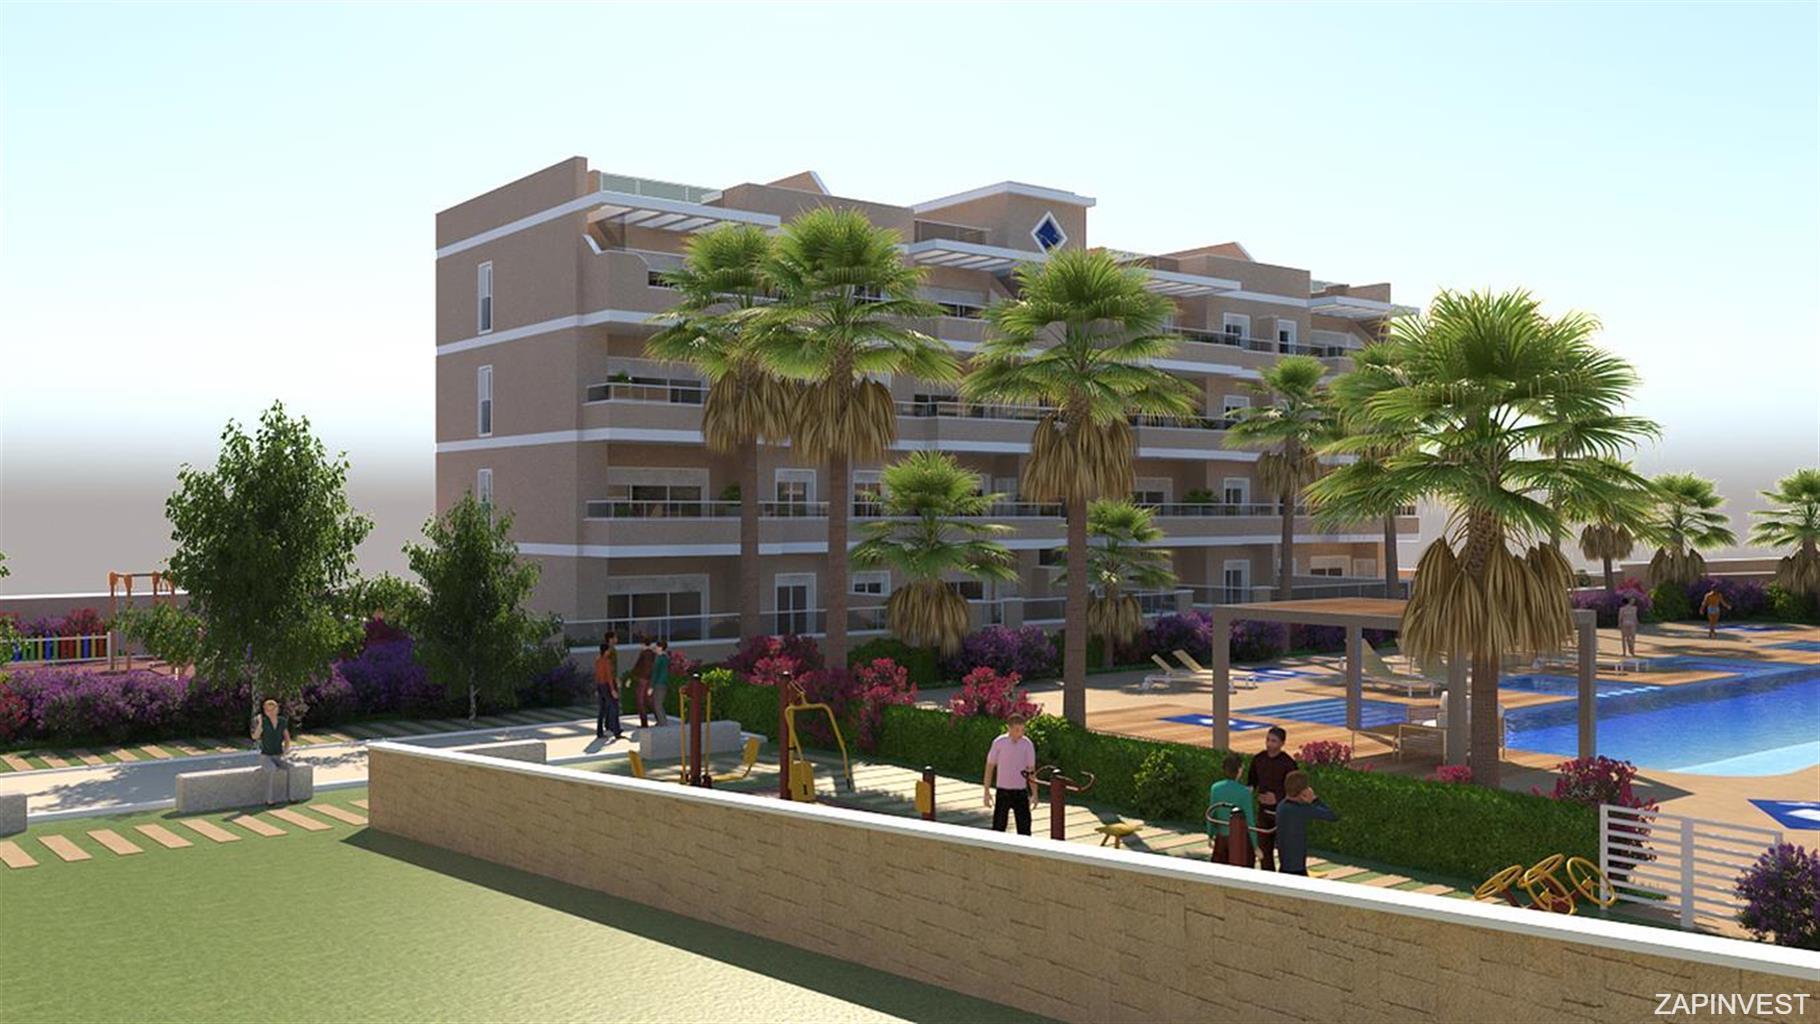 Appartement 3 chambres avec piscine commune, aire de jeux pour enfants et zone d´exercices à l´extérieur.